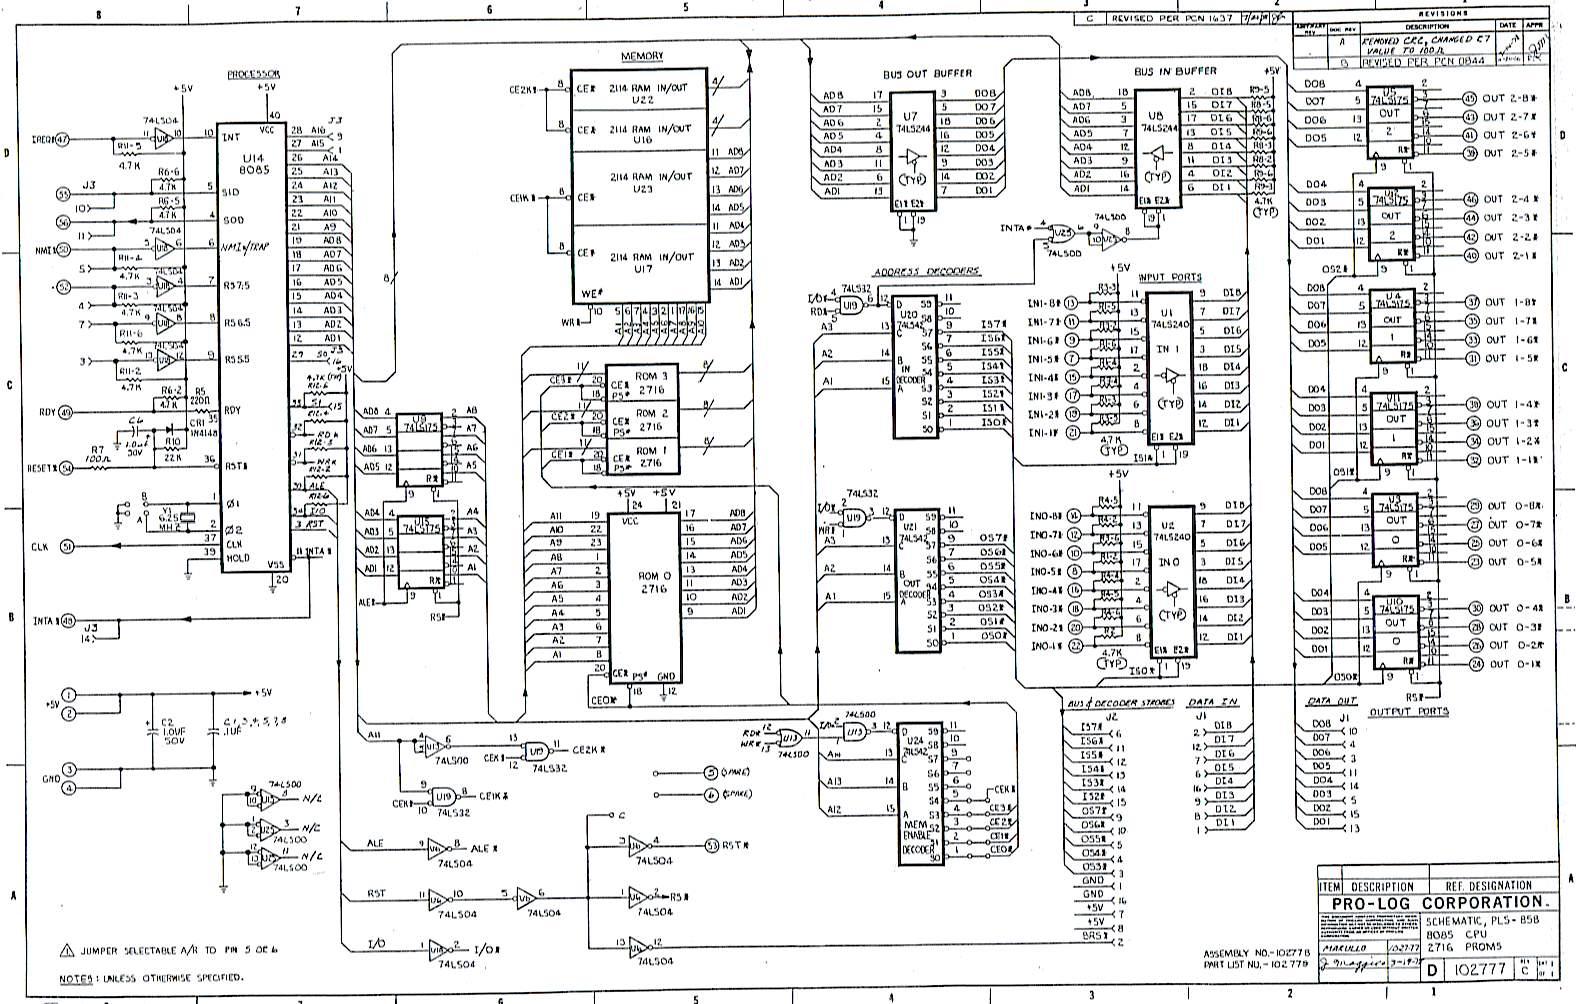 microprocessor schematic and block diagram